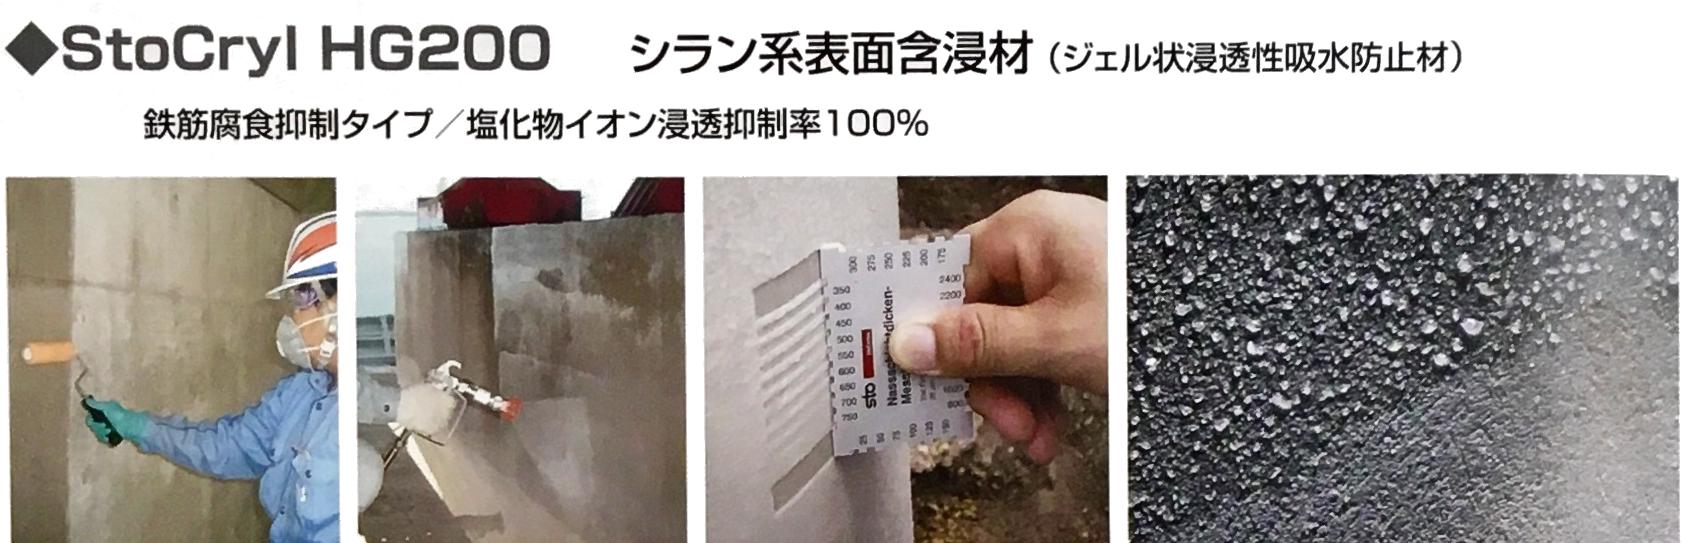 周南市 アキタ建設 sto コンクリ補修 Sto アキタ建設